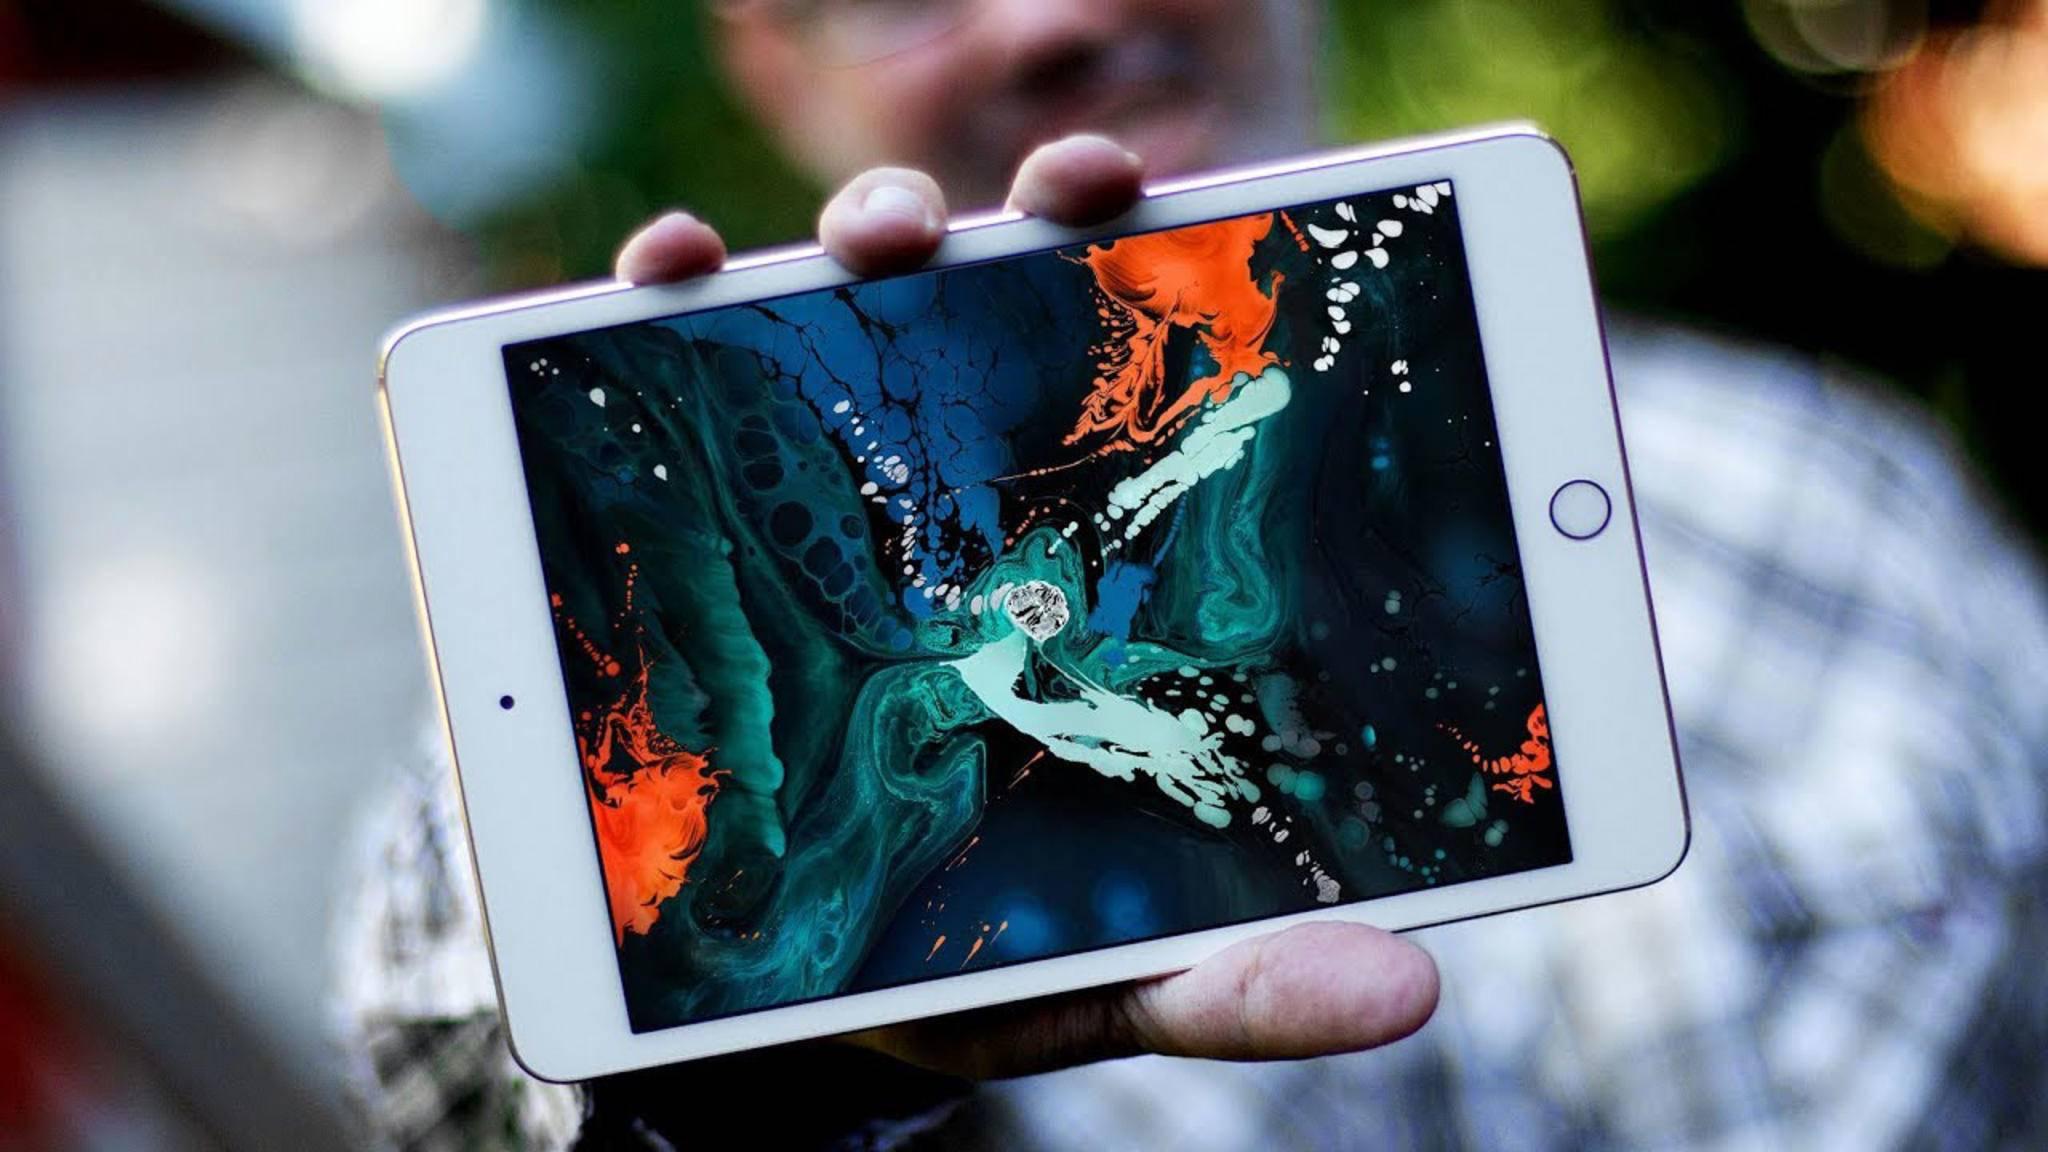 Das neue iPad mini 5 könnte schon im März vorgestellt werden.